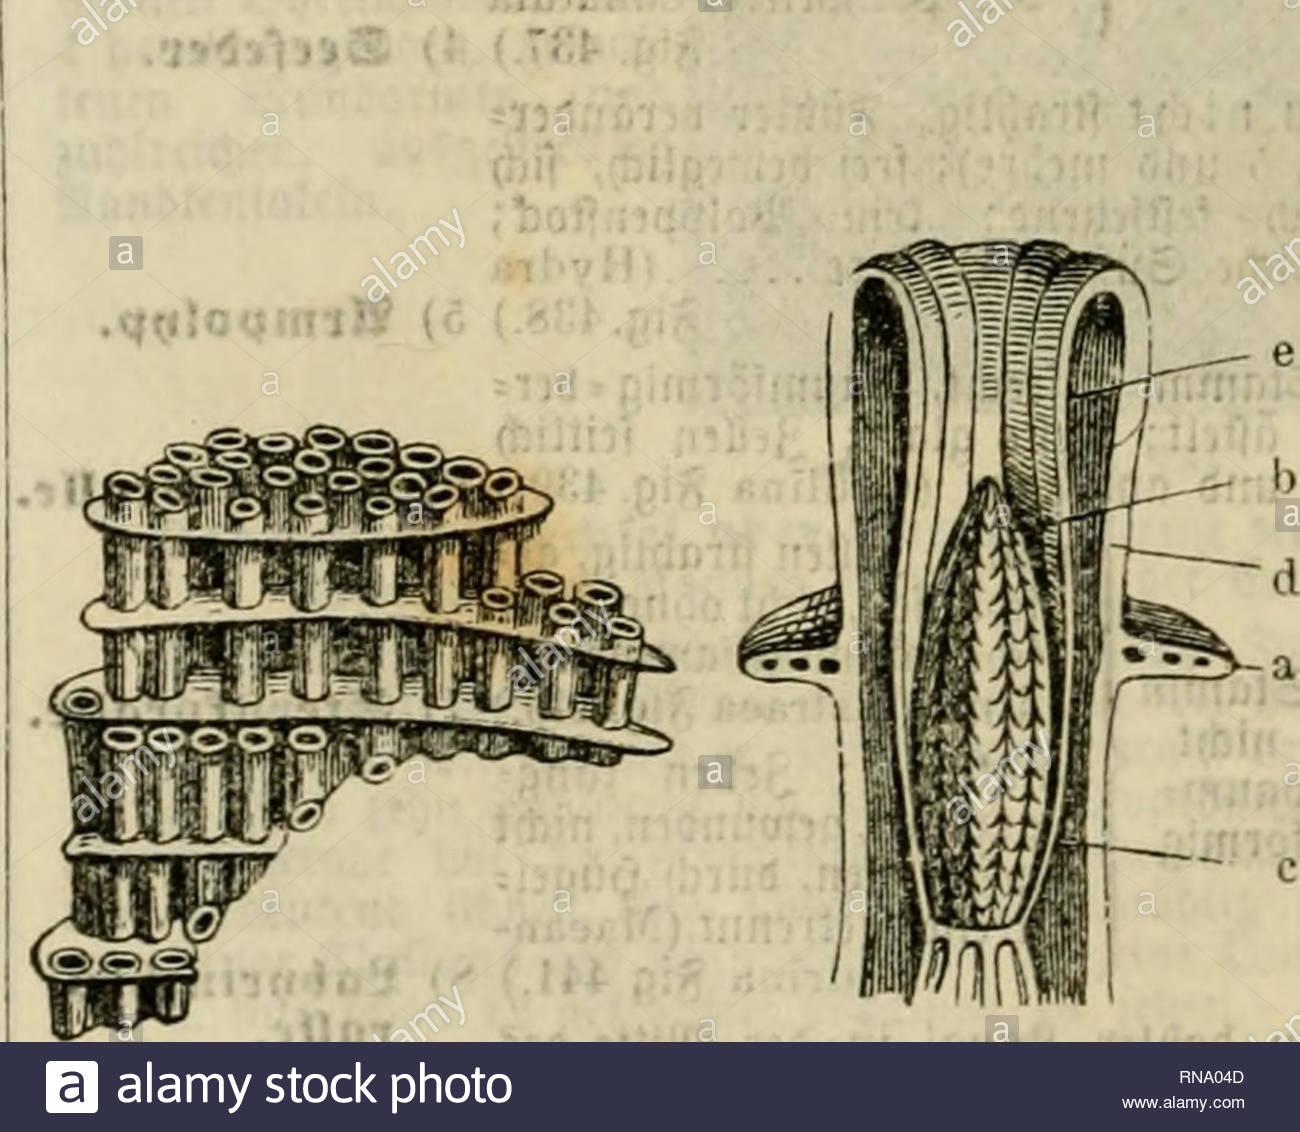 analytischer leitfaden fr den ersten wissenschaftlichen unterricht in der naturgeschichte animals 182 9taturgefciiftc be6 2jicrreit 8 3ooiogie sdleere dltfe nie alle ctinicn tjobcn eint grogc slejirobuctionfraft unb jflanen fld burcf gier fort ficrflrfe ffnen flct in beii liulagcn unb bie eier tnerben bann bufct bcn sbunb aiiagenjorfen ssiele arten tabcn einen auf bcr ampaut reiincn erregcnben ober ncffe nben scfjleim tnie mandje sjiebufen 2 cfncrfenufig 236 6 proffcnbe 2ugenforoe ocullna prolifra ig 439 sbci beutlid gabelartig RNA04D